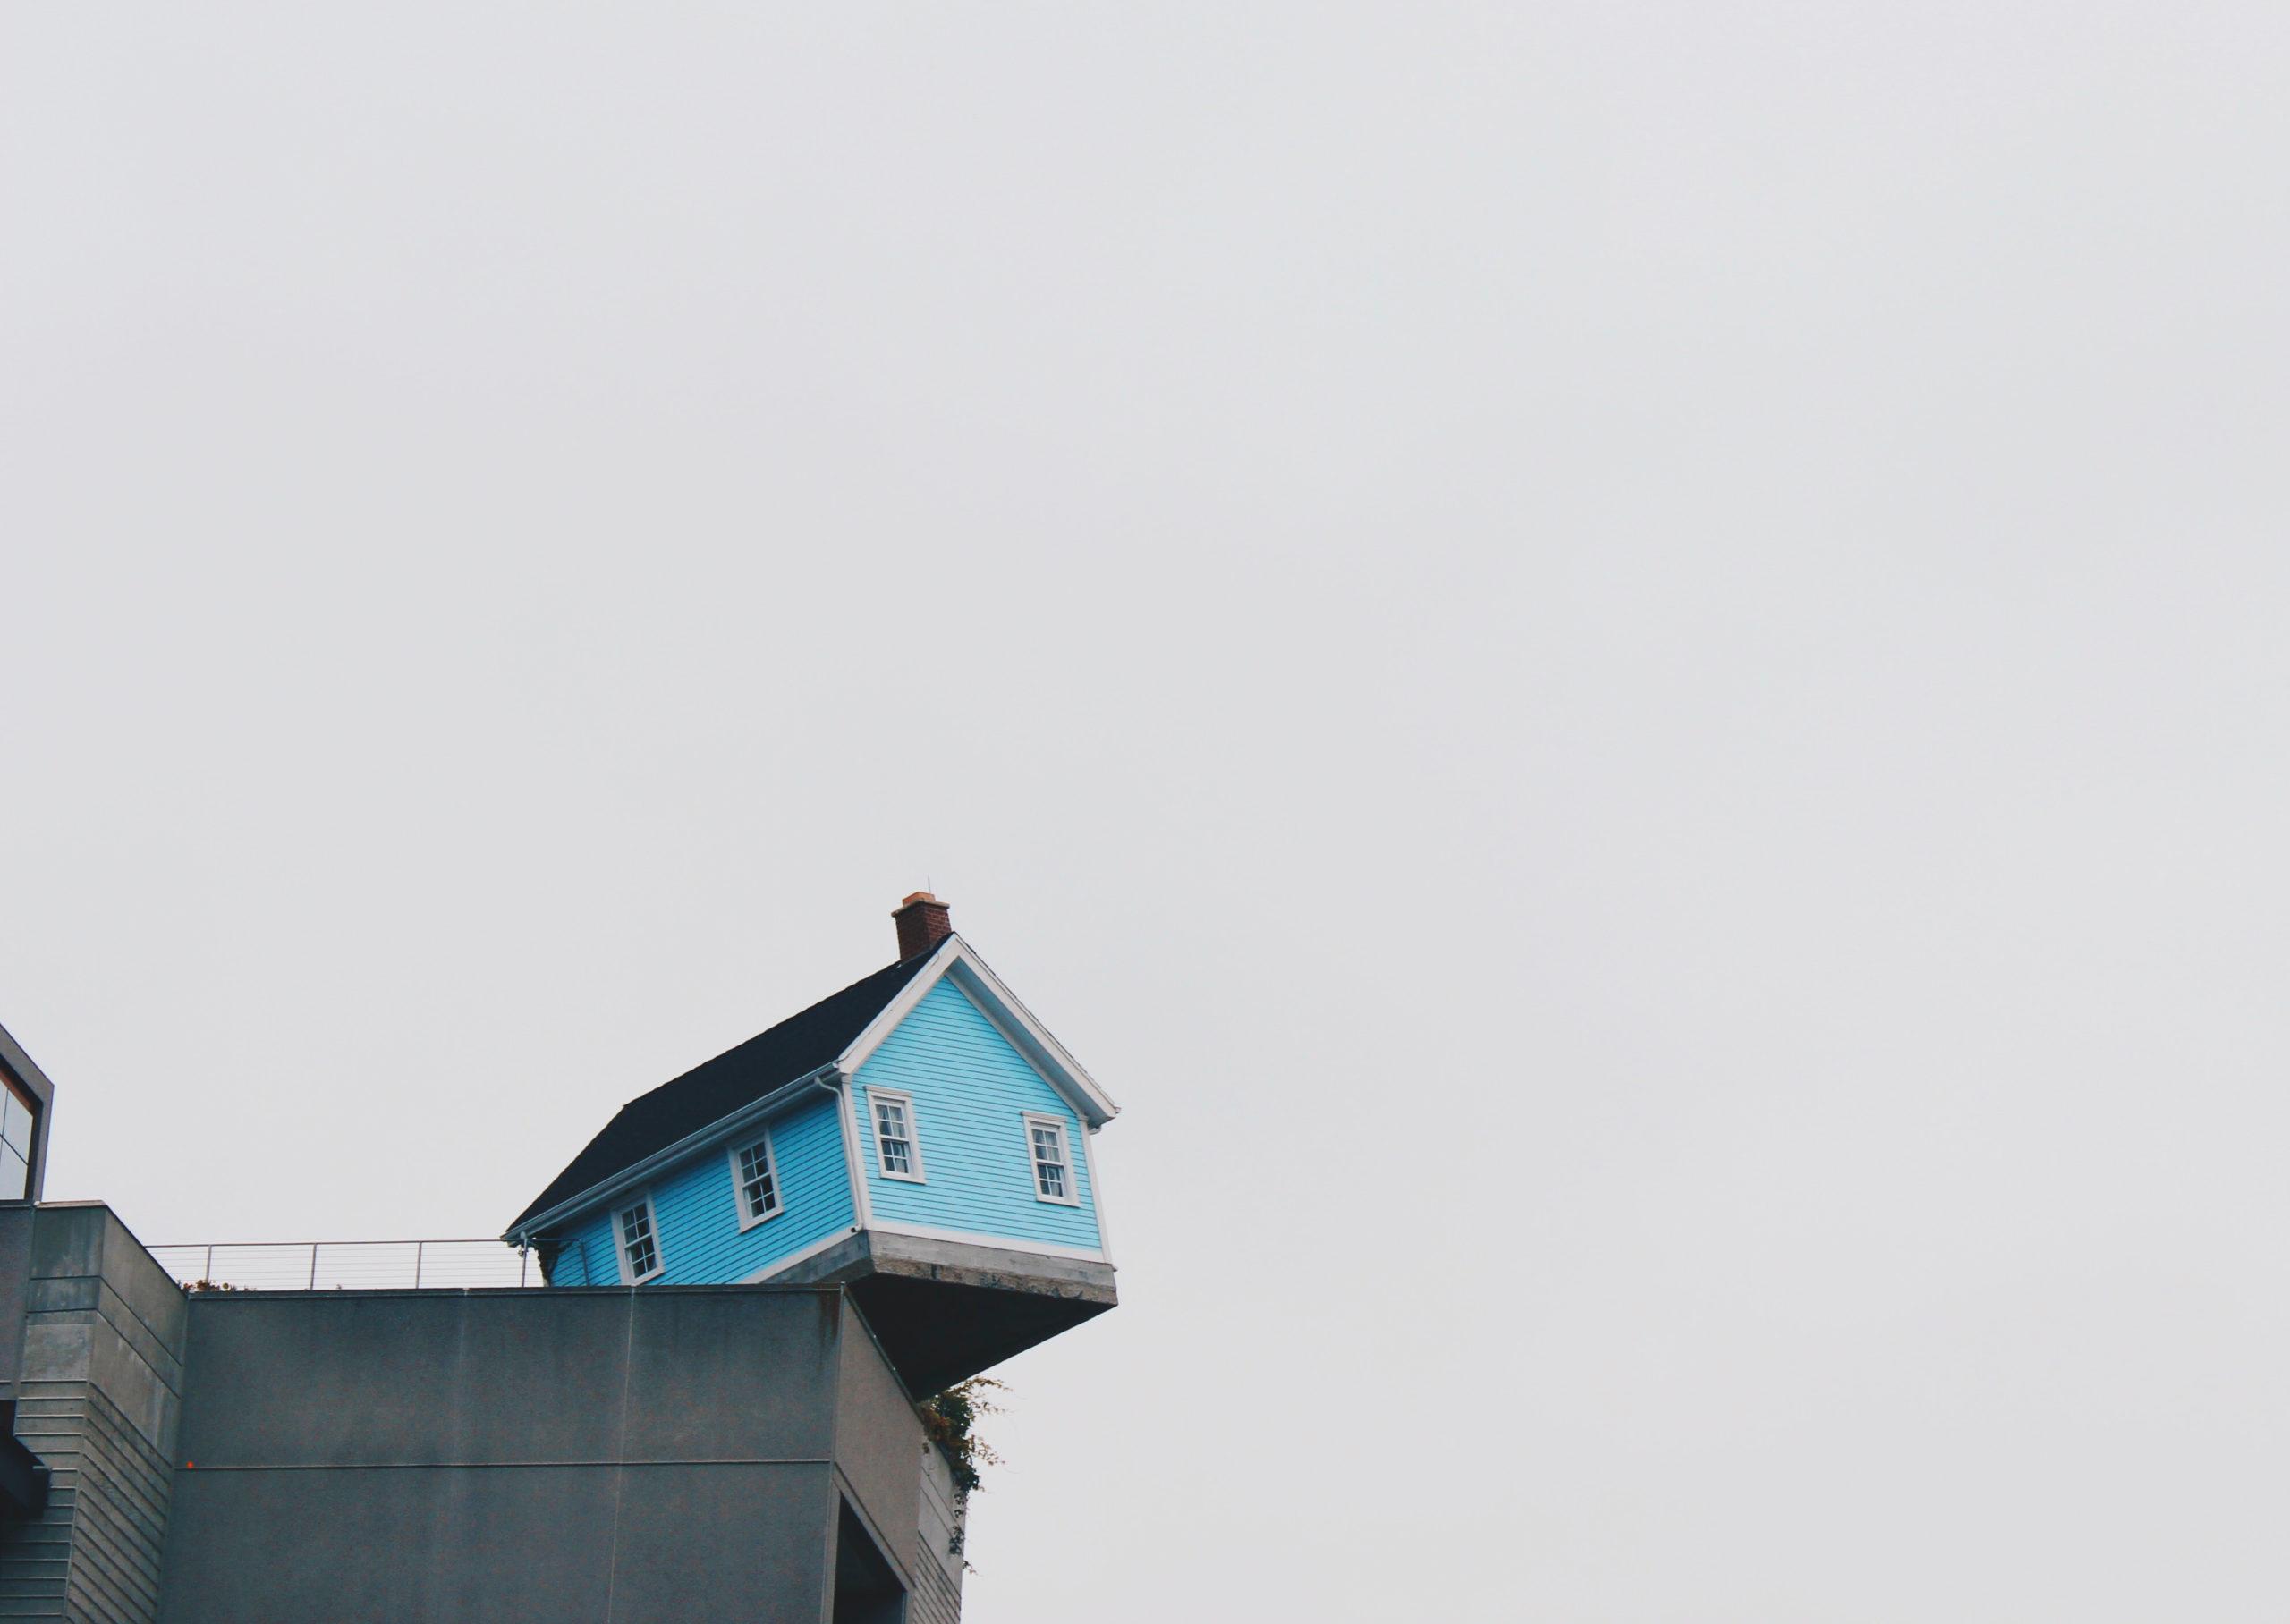 Hypotheekrenteaftrek, hoe zit dat als je ondernemer bent?